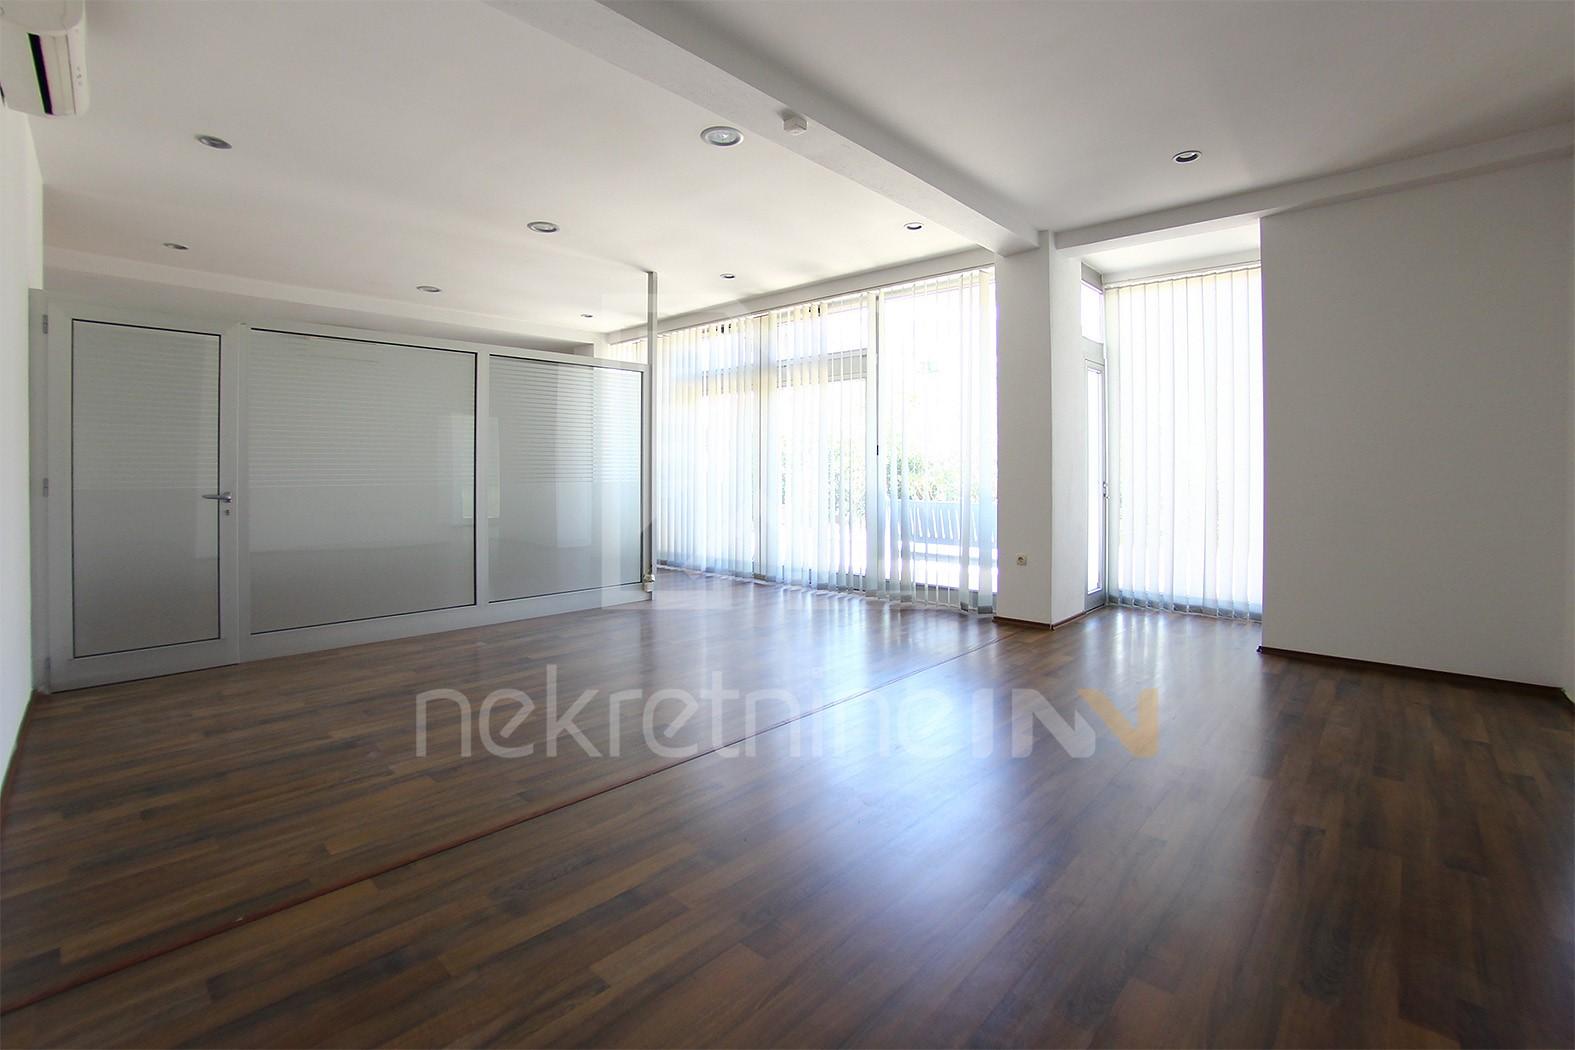 Uredski poslovni prostor površine 95 kvadrata